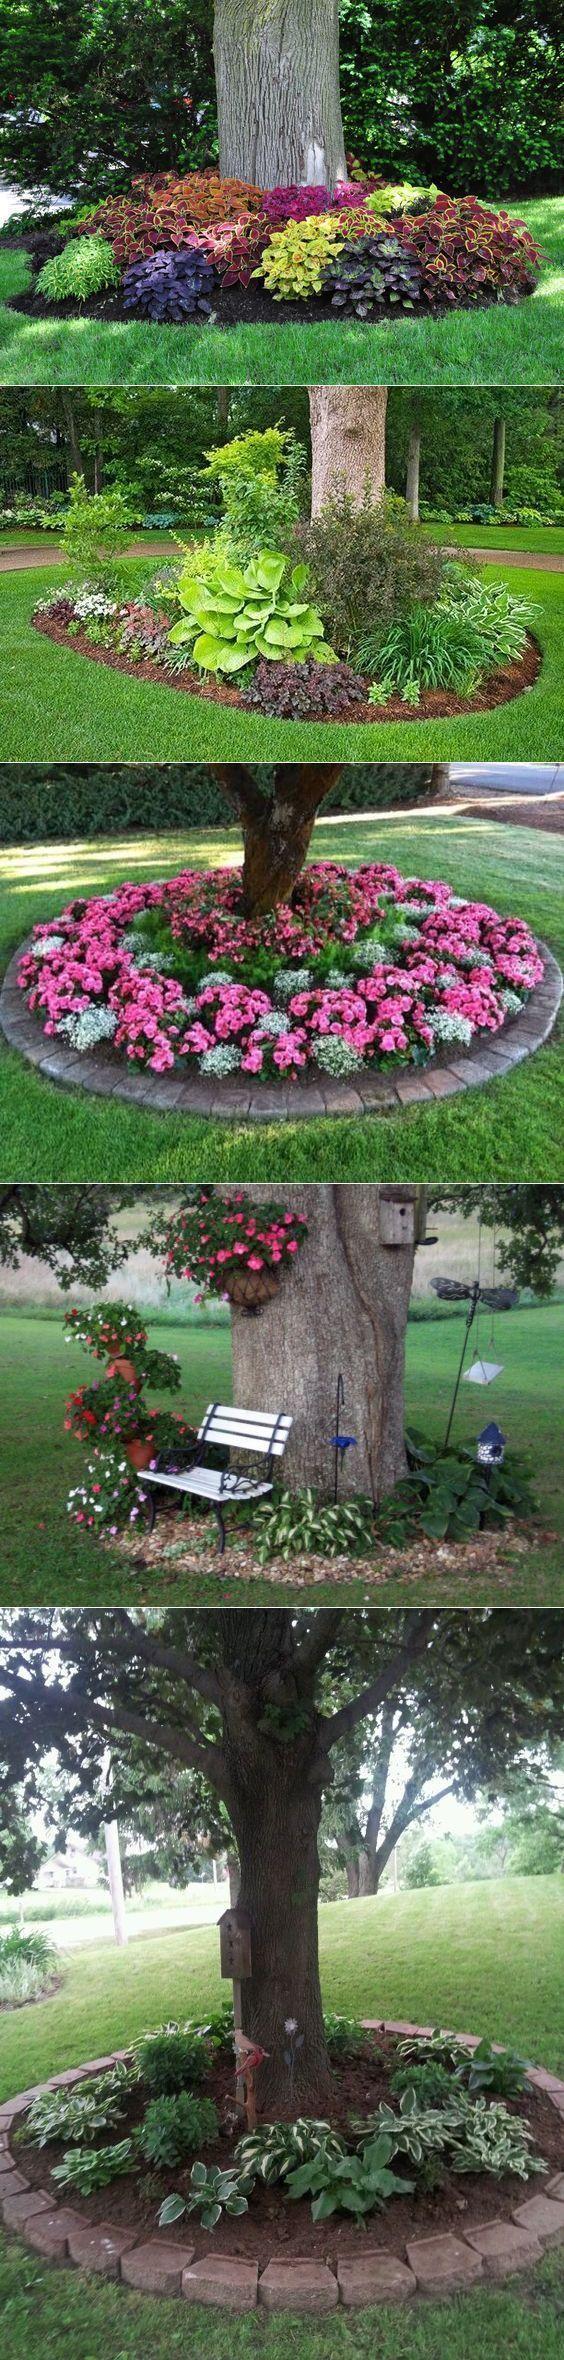 34+ Einfache, aber effektive Ideen für die Gartengestaltung mit kleinem Budget